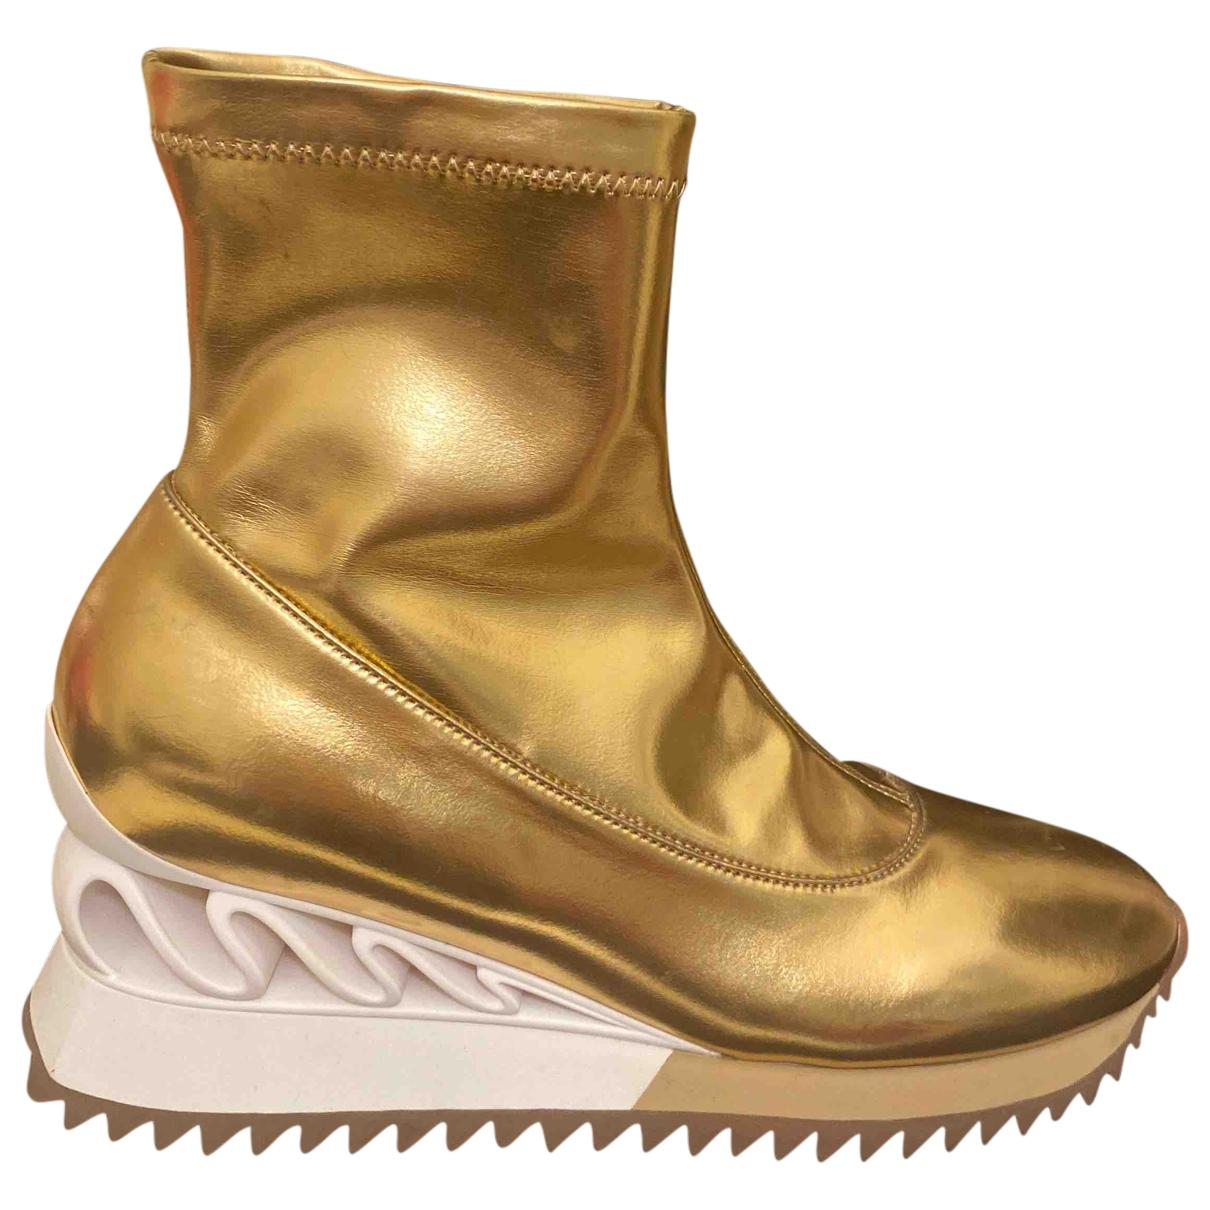 Le Silla \N Stiefeletten in  Gold Leder